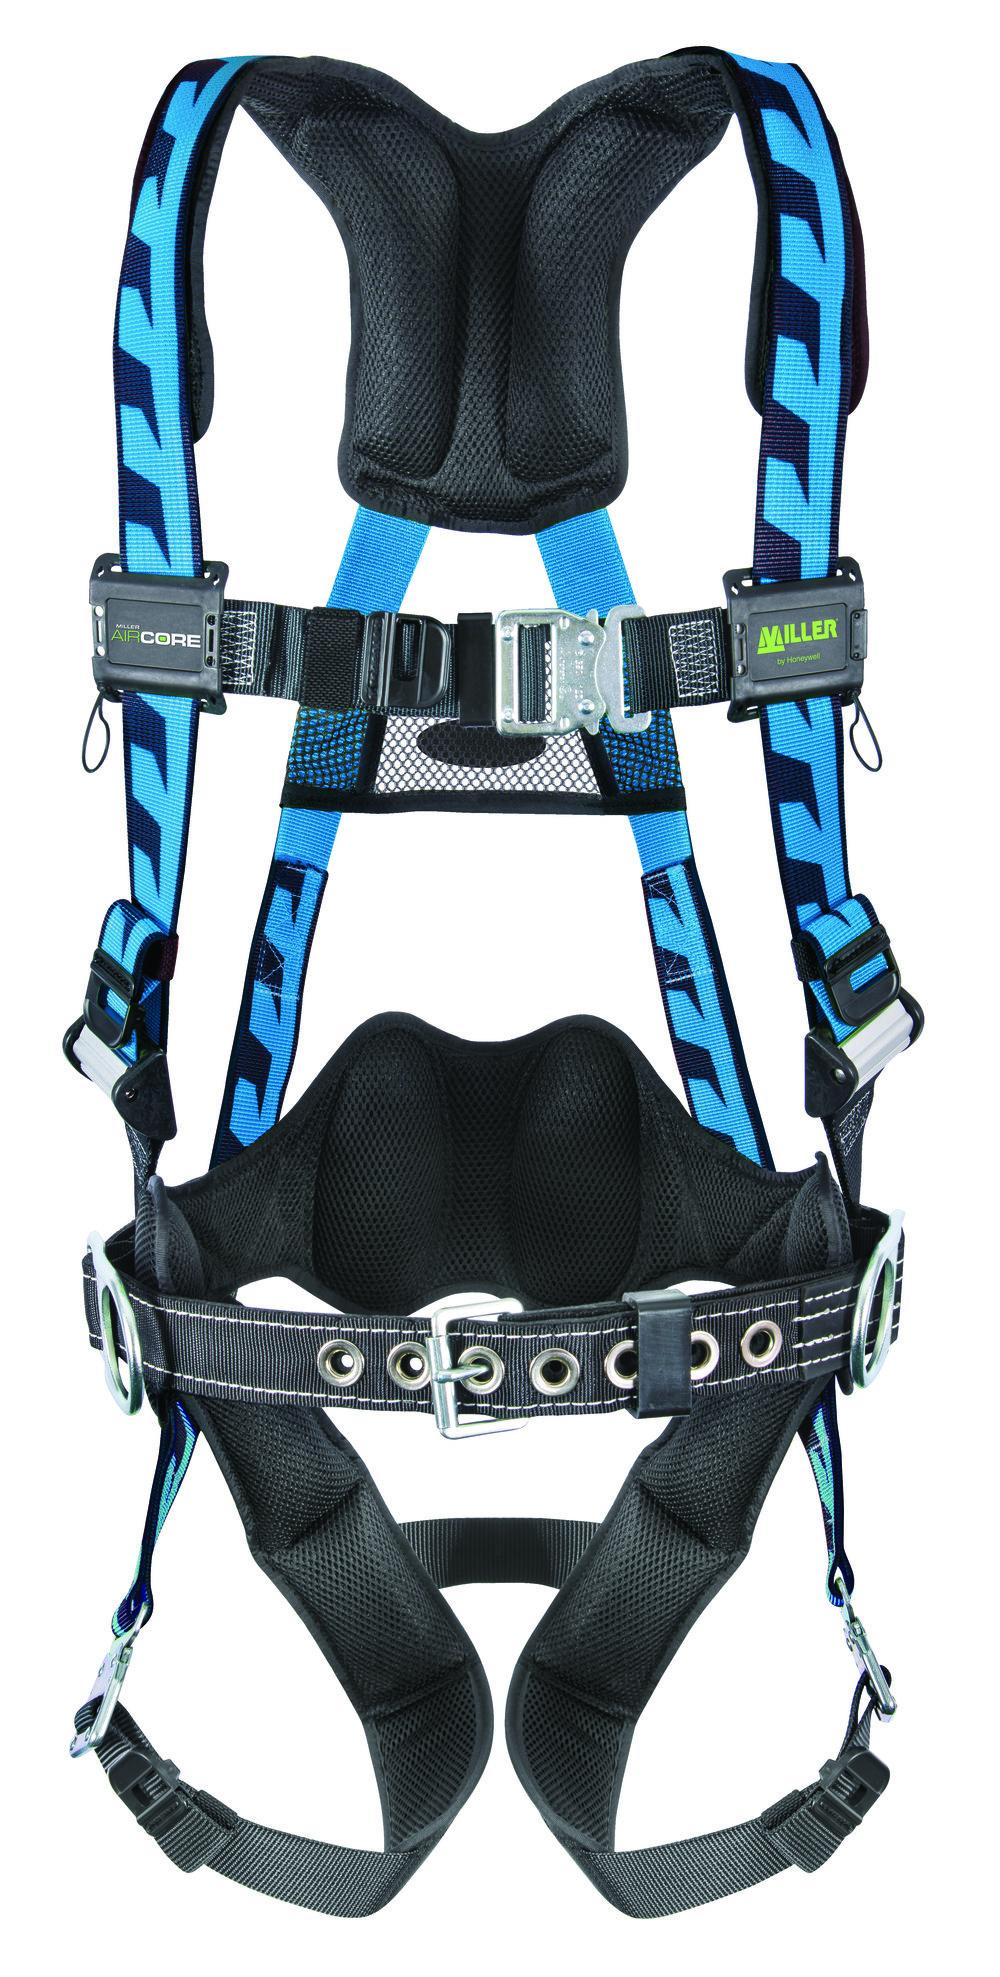 Aircore Harness 1